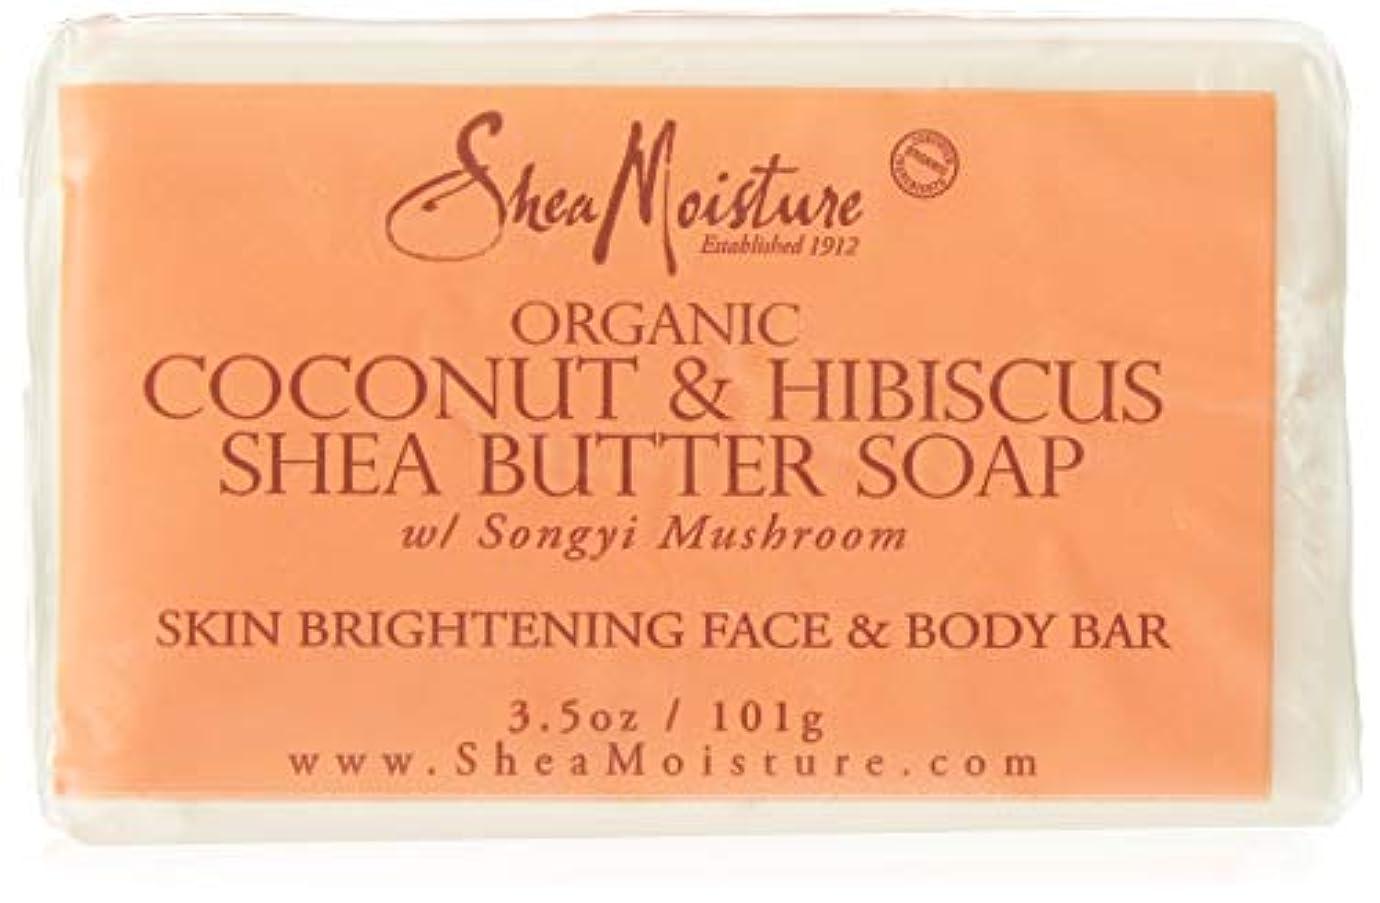 通り頑張るほうきオーガニックココナッツ&ハイビスカスシアバターソープ Organic Coconut & Hibiscus Shea Butter Soap